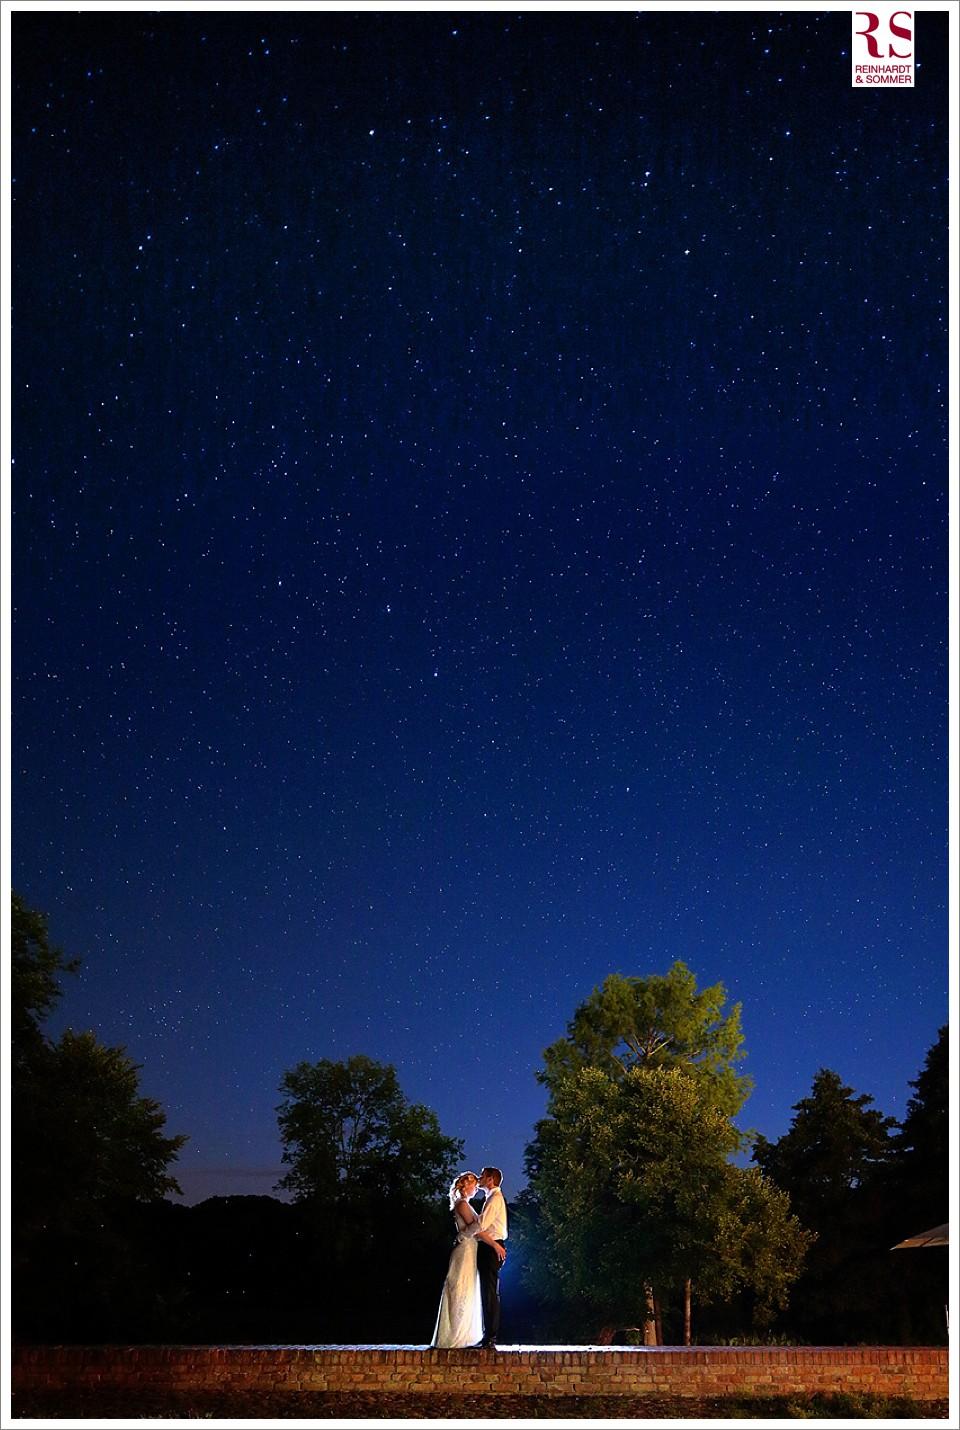 Hochzeitspaar unter dem Sternenhimmel